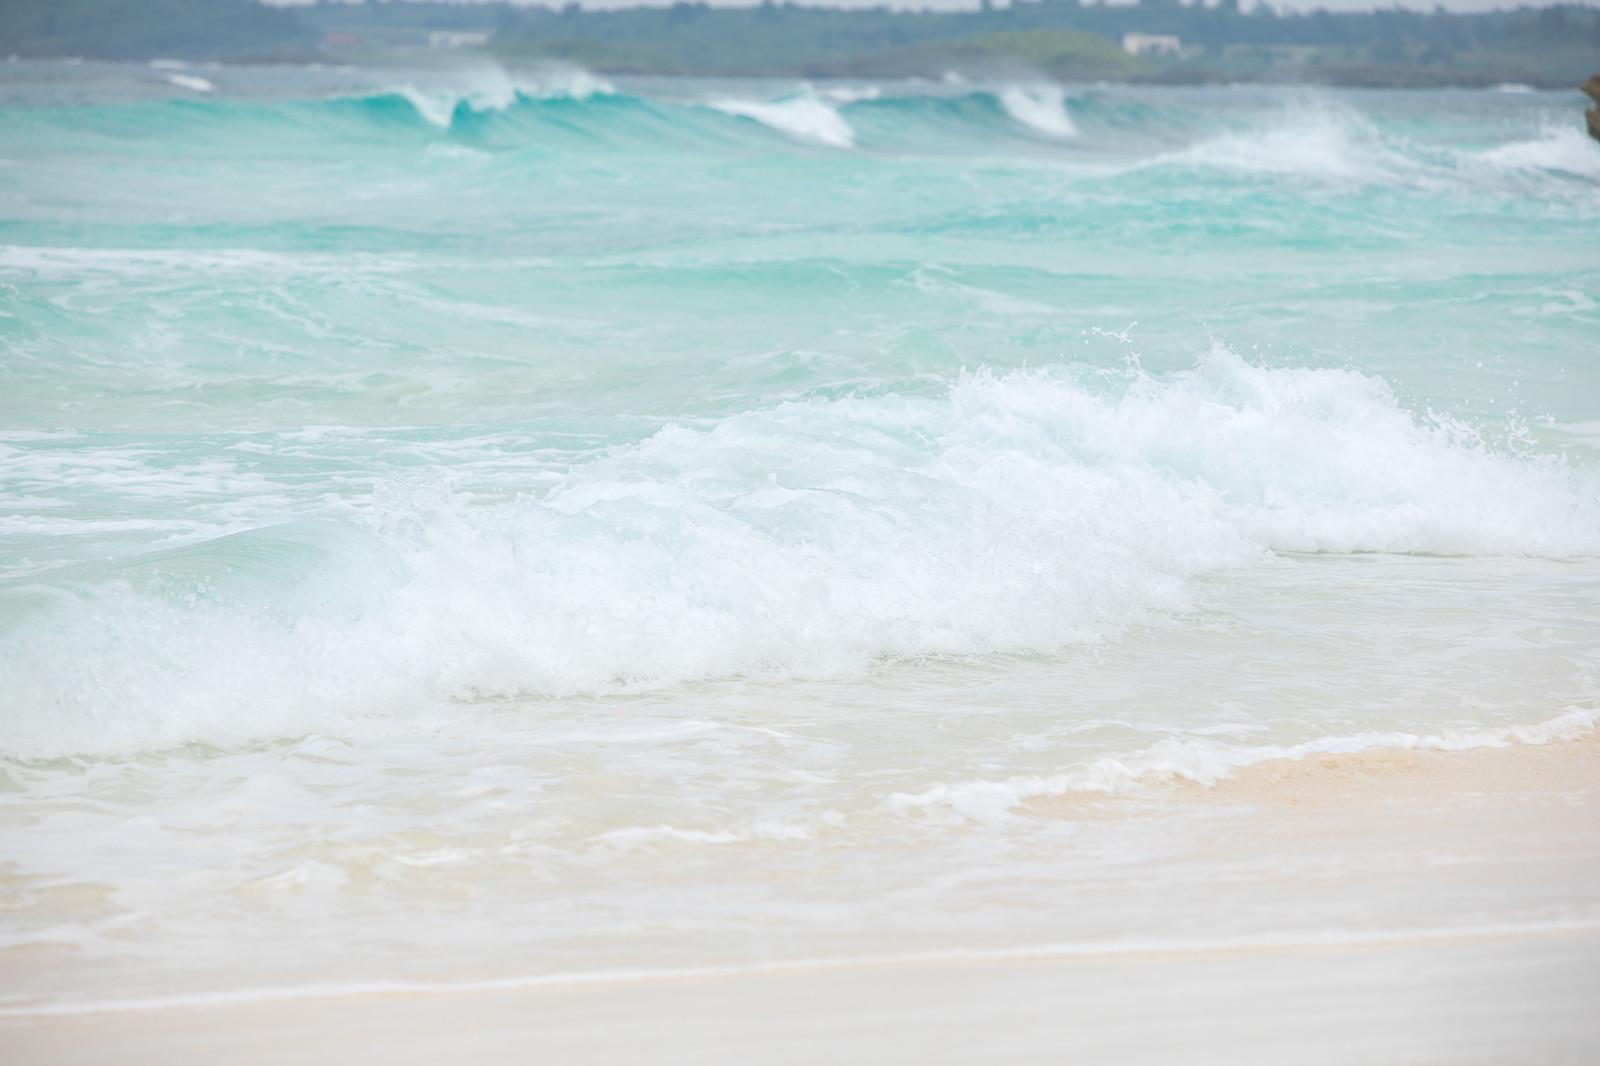 邪気を取り除き、身も心も浄化させる。海のスピリチュアル効果。